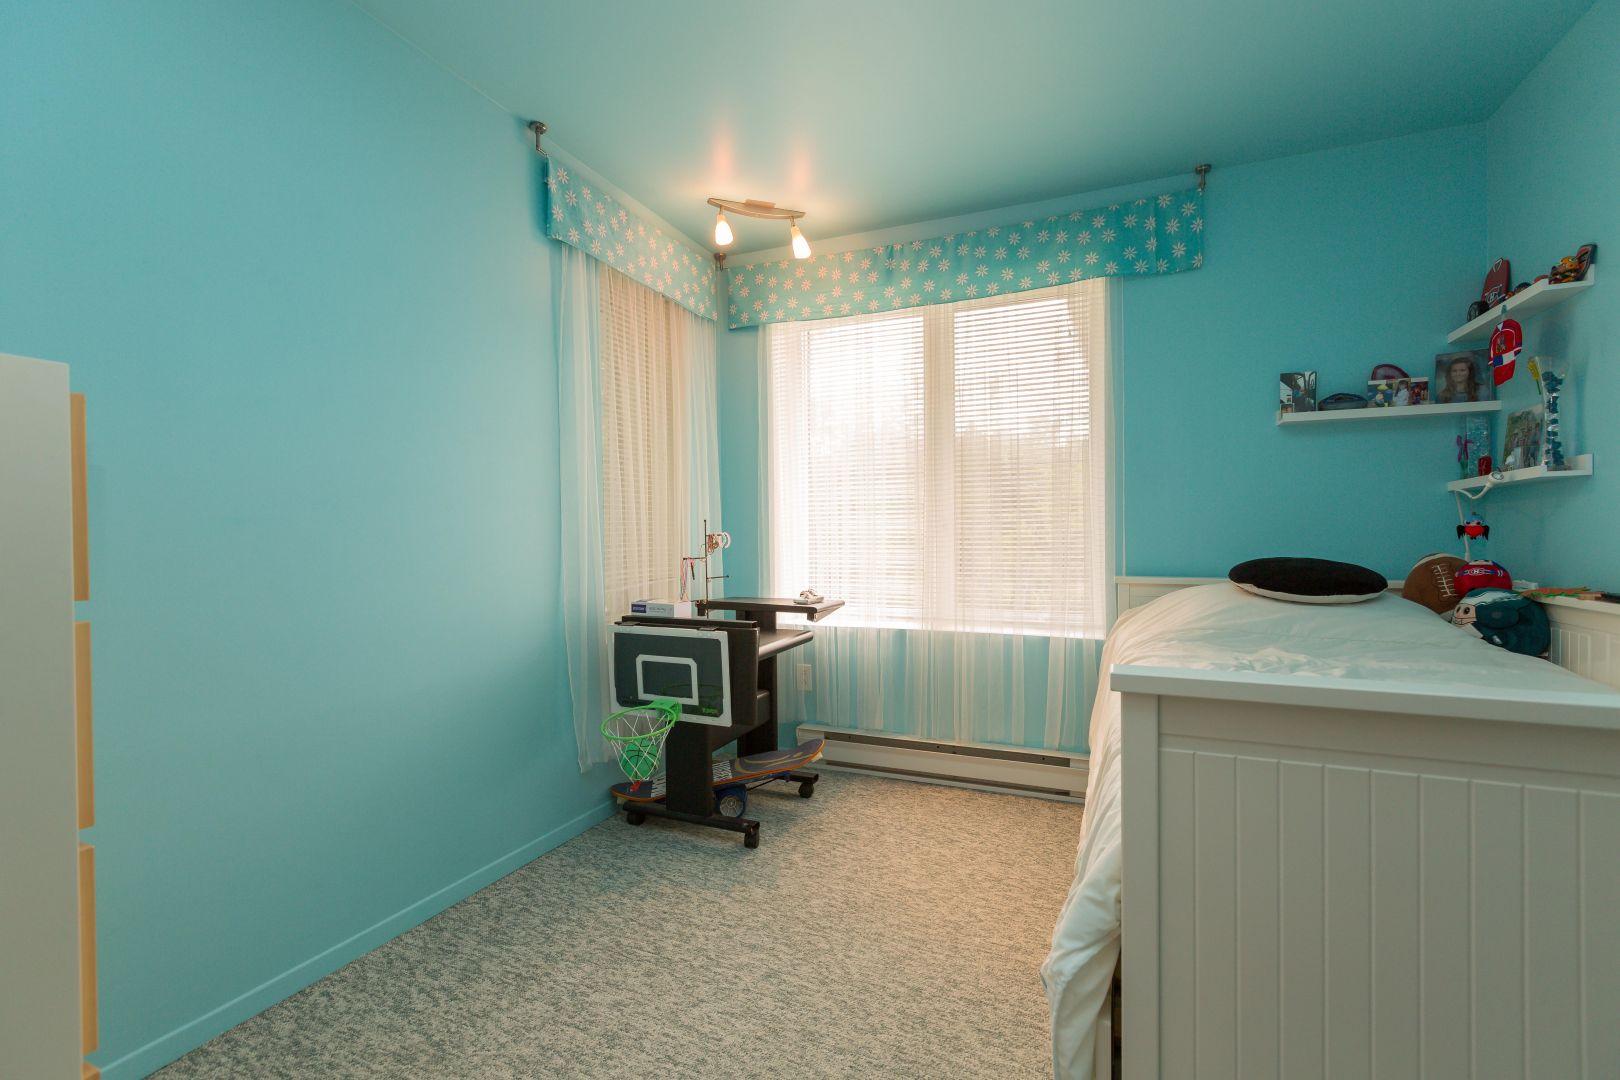 jeux pour creer sa maison trendy pyjama partie et soiree. Black Bedroom Furniture Sets. Home Design Ideas